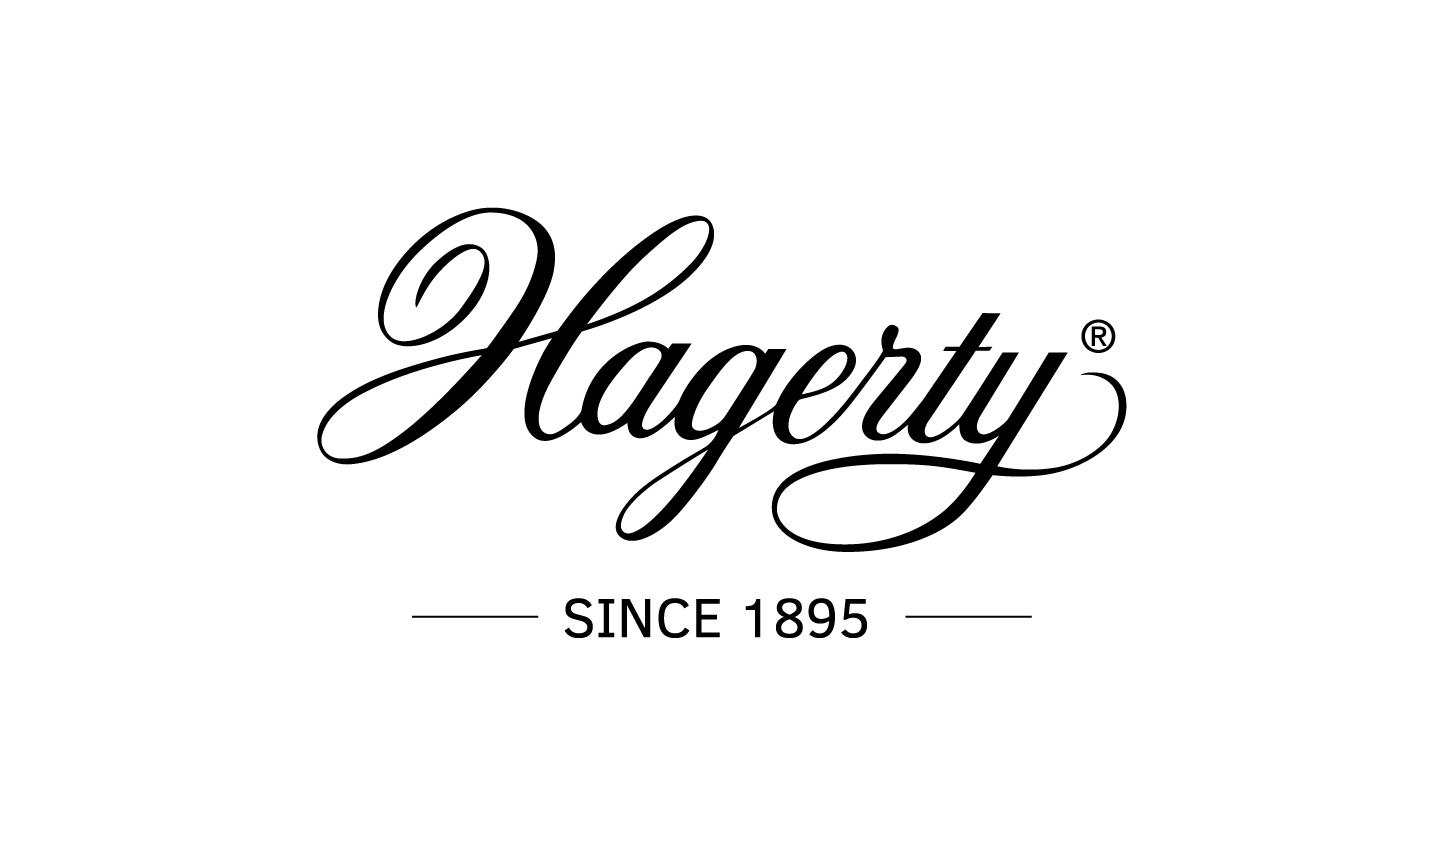 logo_hagerty_2015_fond-blanc1